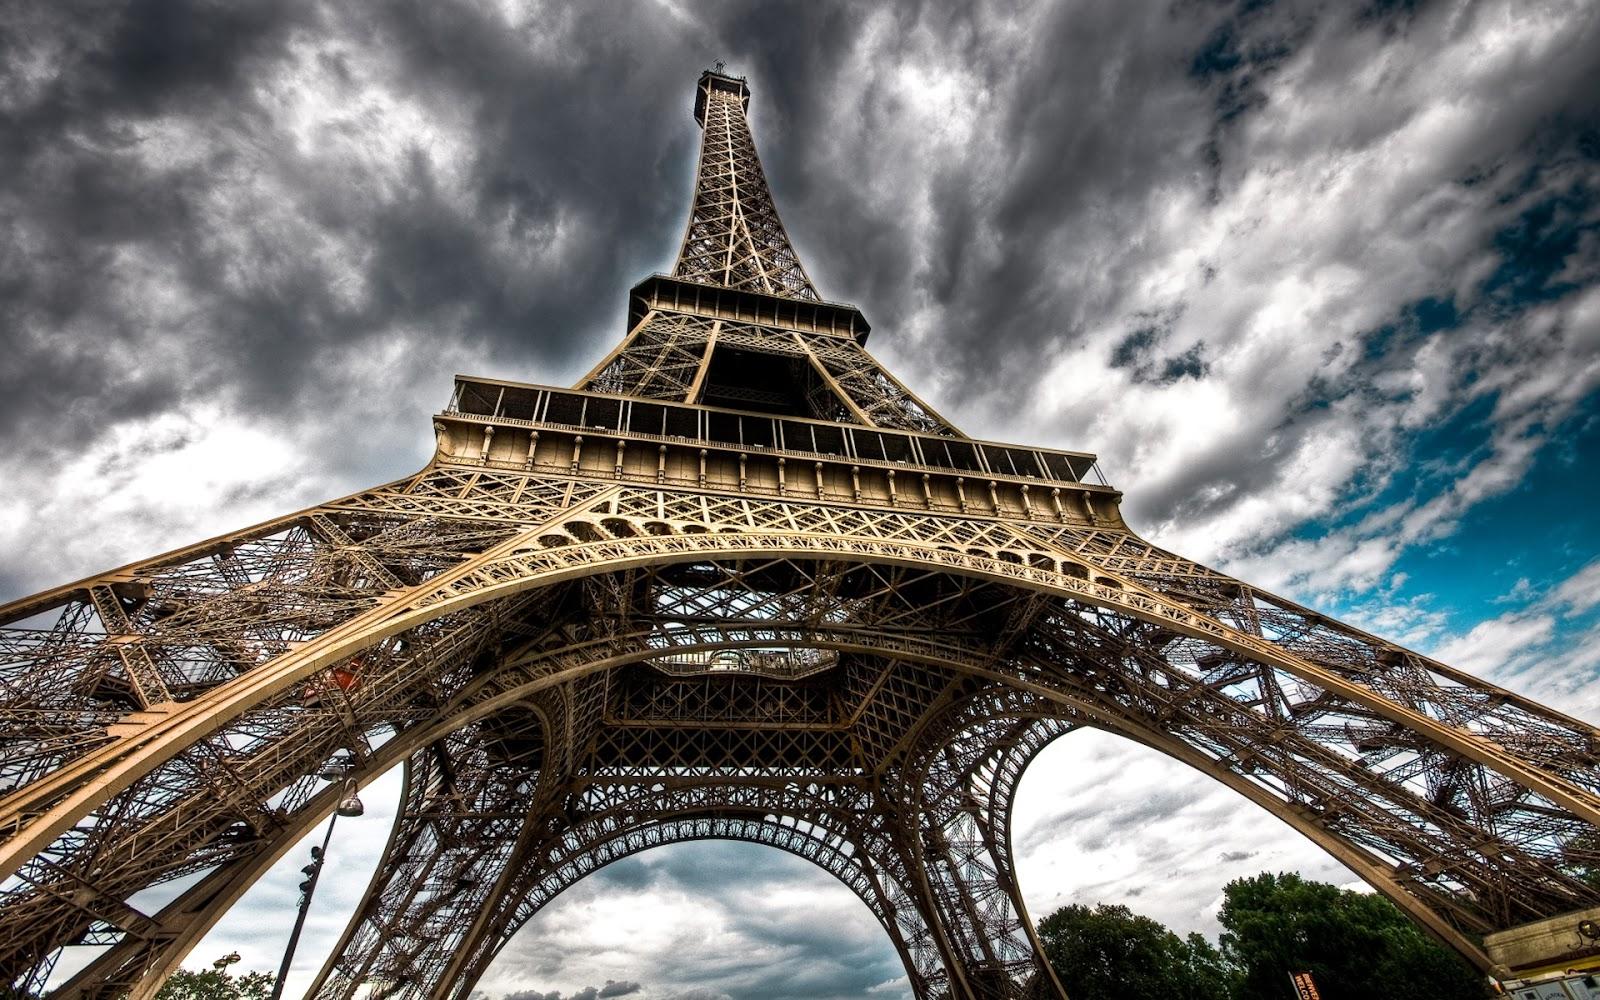 http://2.bp.blogspot.com/-DgGCmZcdE8M/Tsu9WTParGI/AAAAAAAAWyg/4CcTtWfBDYE/s1600/Amazing+Cityscapes+Wallpapers+%25289%2529.jpg